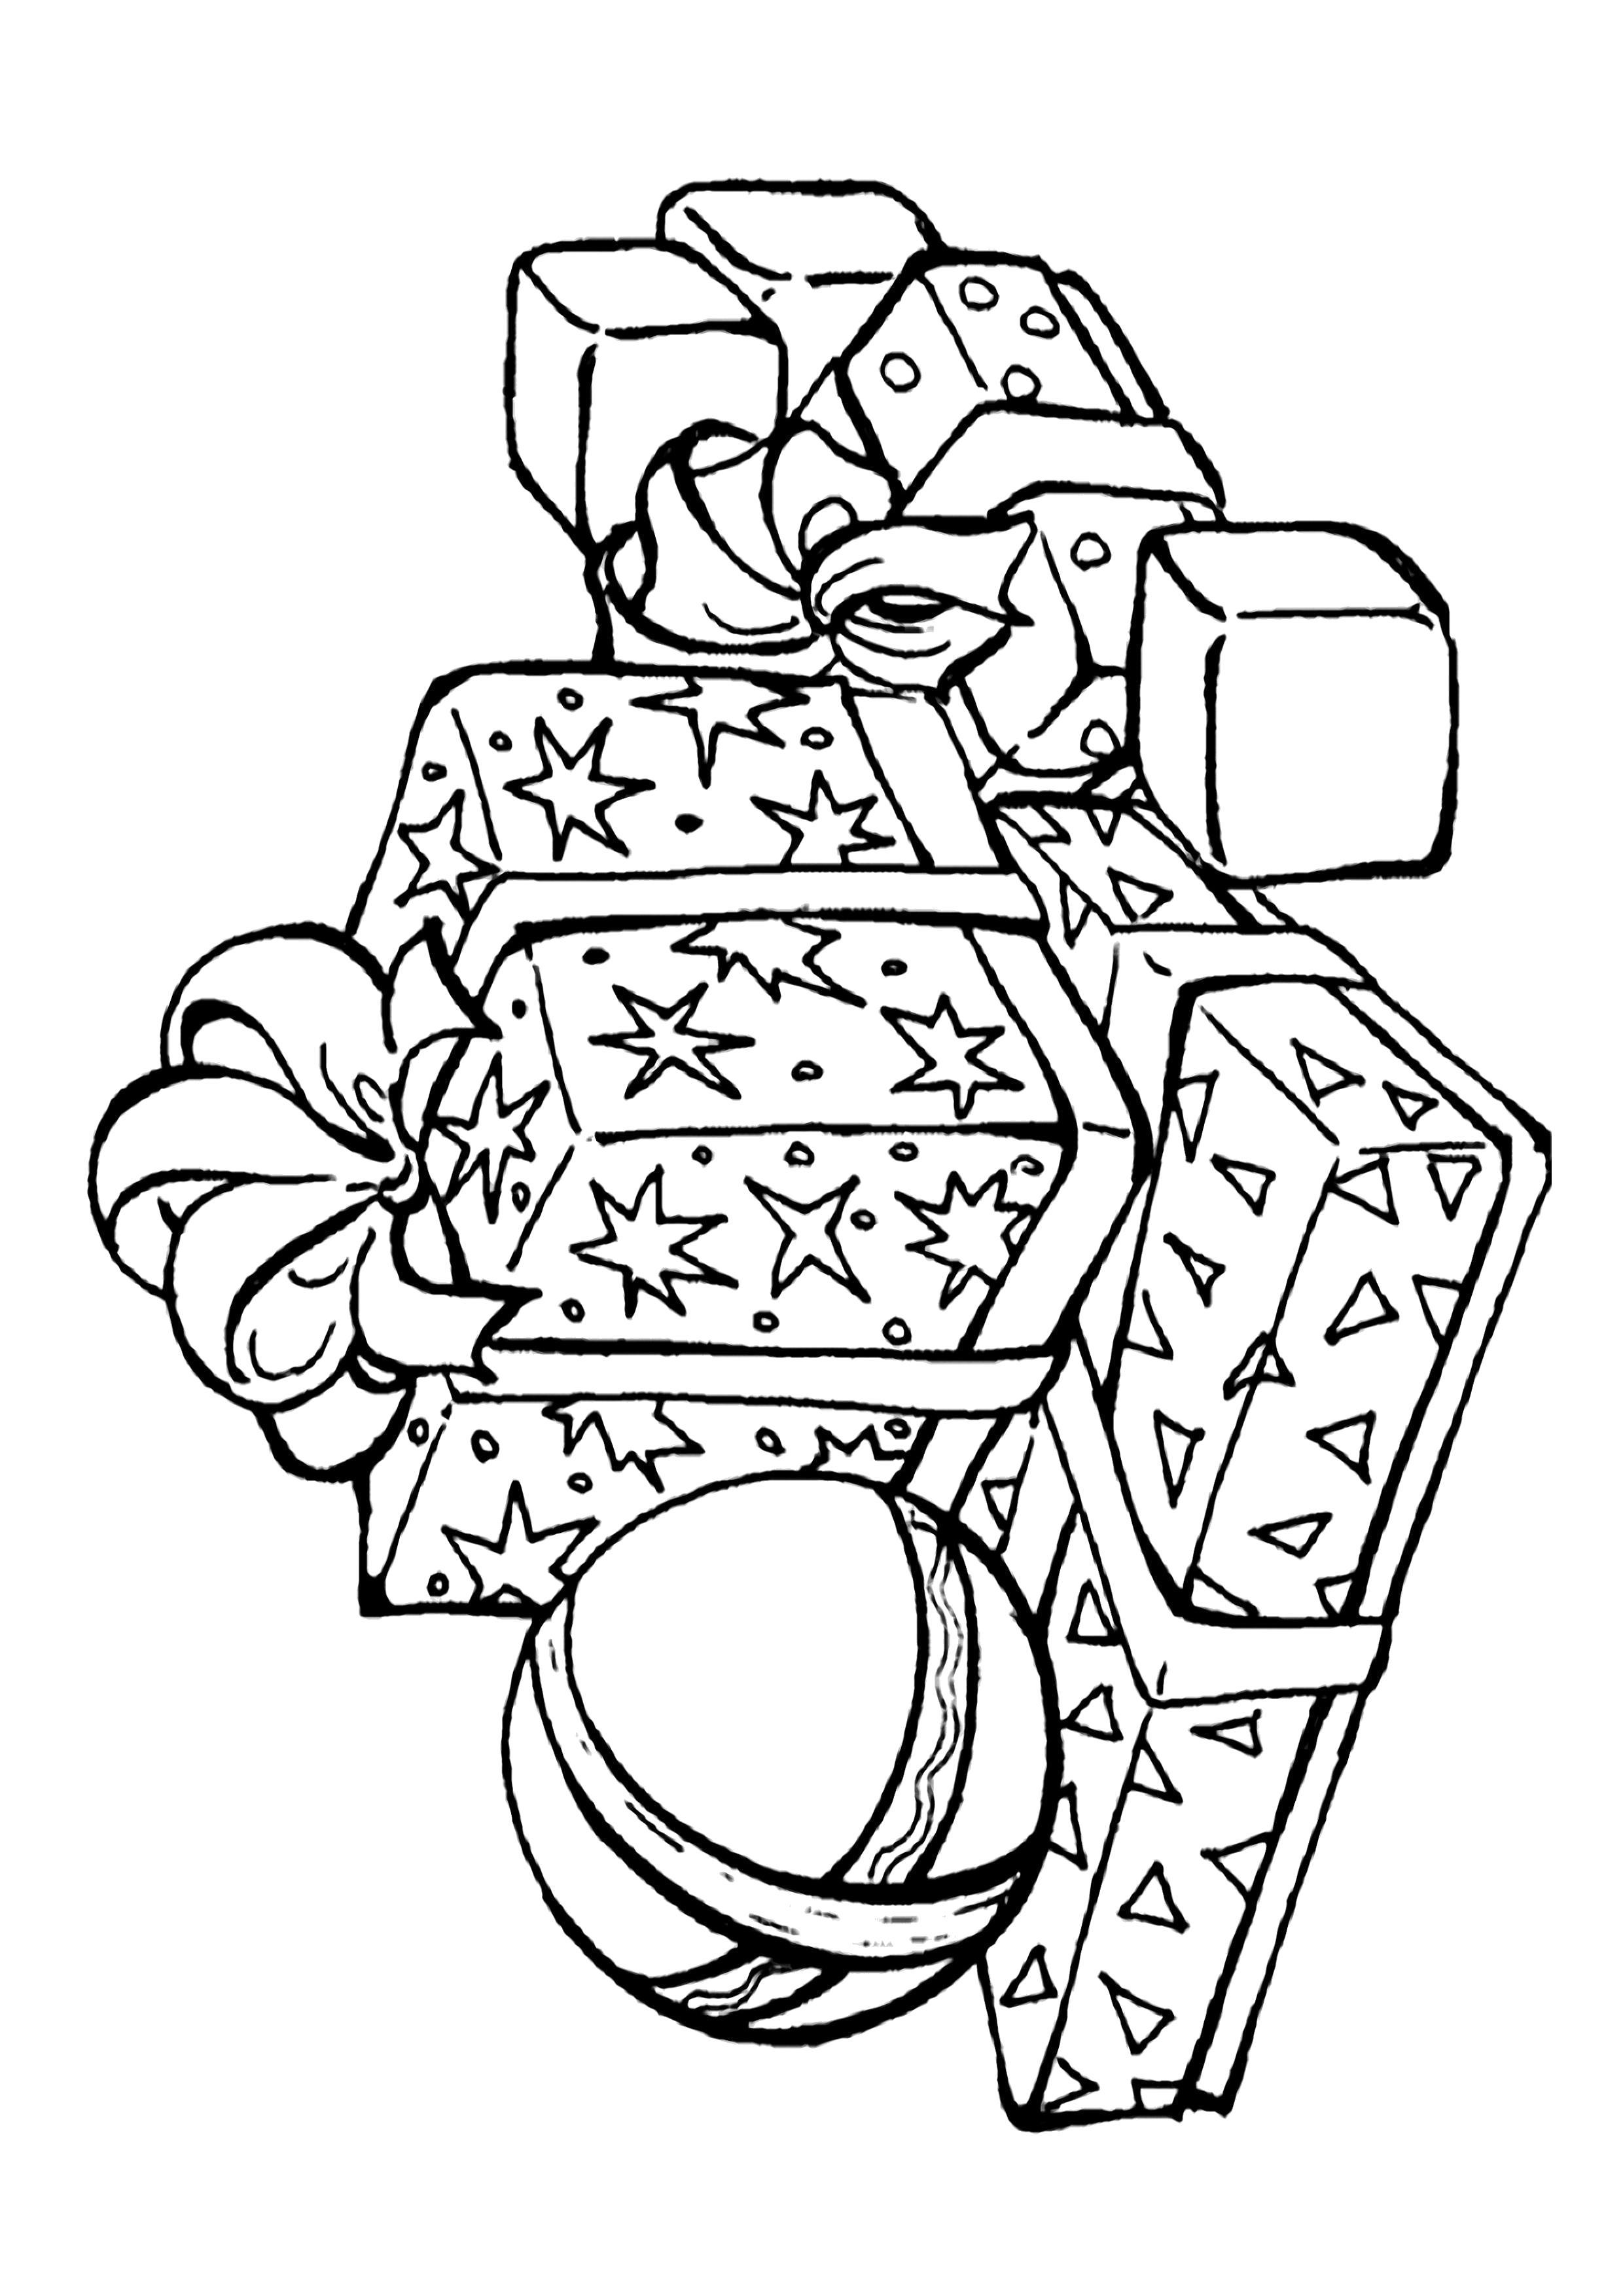 Раскраска  подарки, подарки и мячик, подарок обернутый бантиком. Скачать Подарки.  Распечатать Подарки